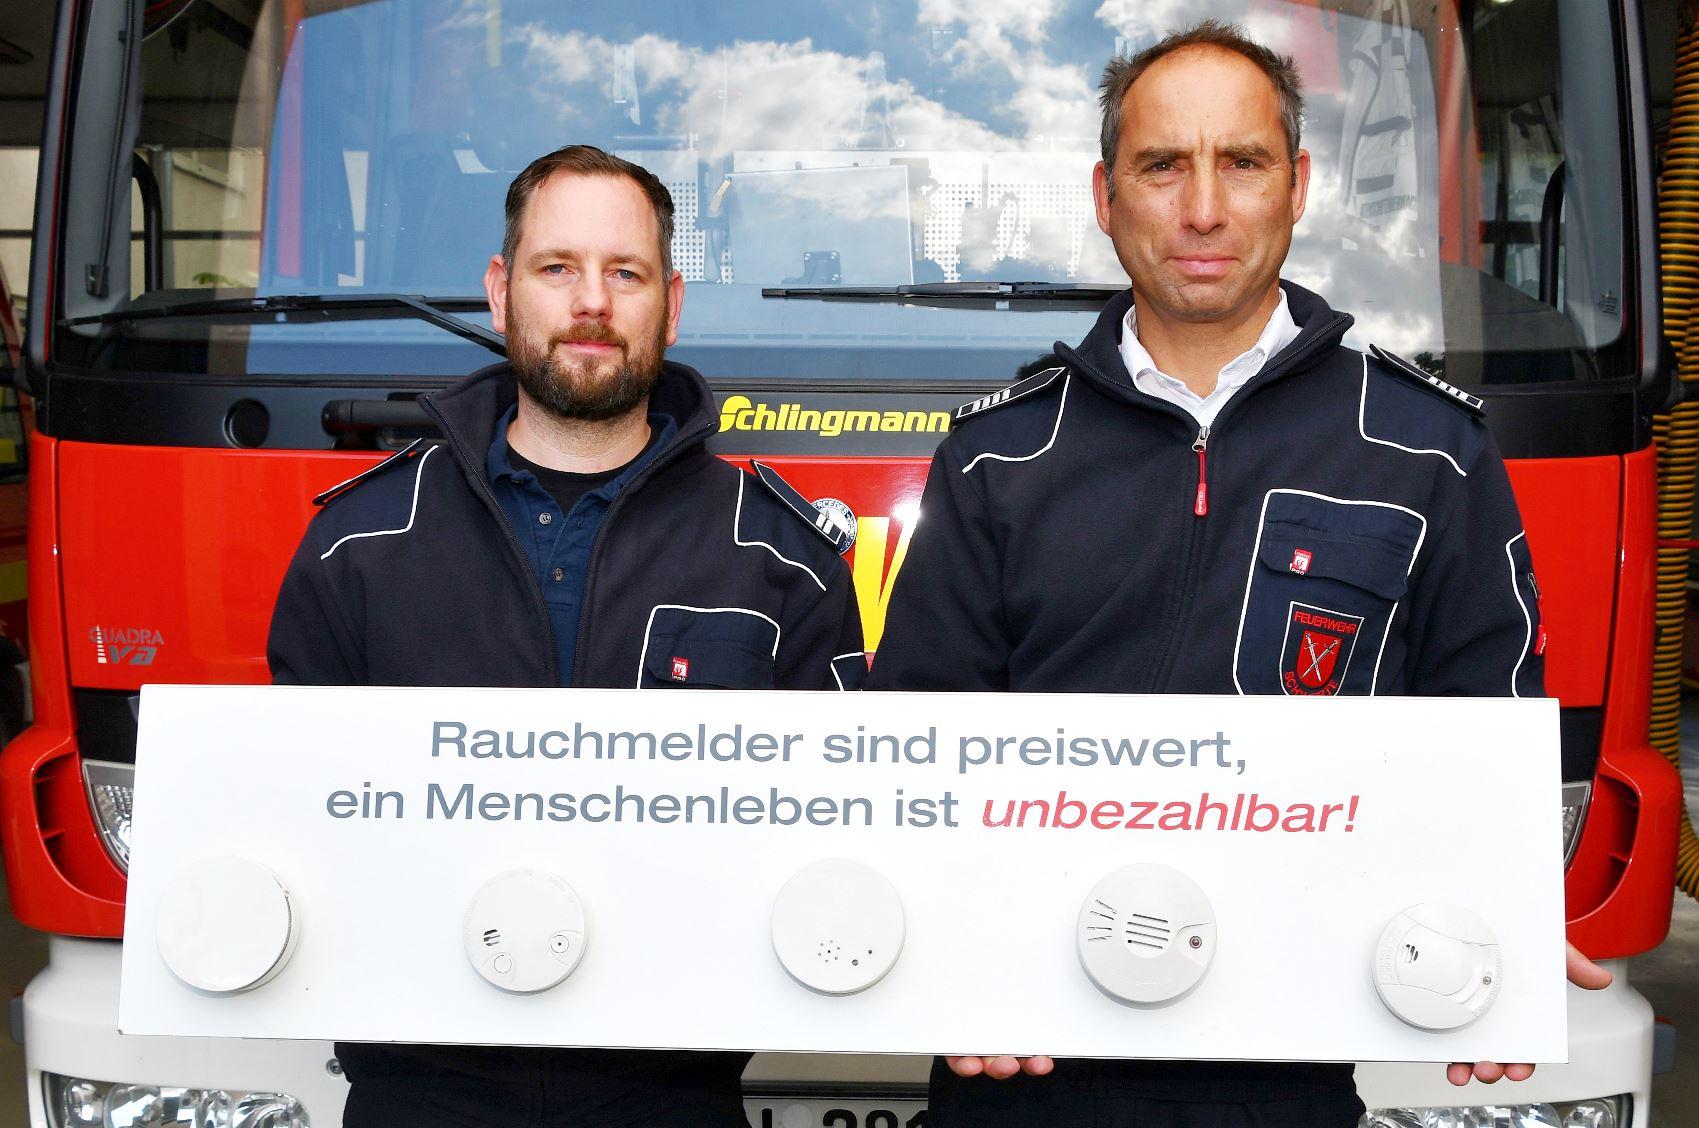 Rauchmeldertag: Feuerwehr Schwerte weist auf Rauchwarnmelderpflicht hin